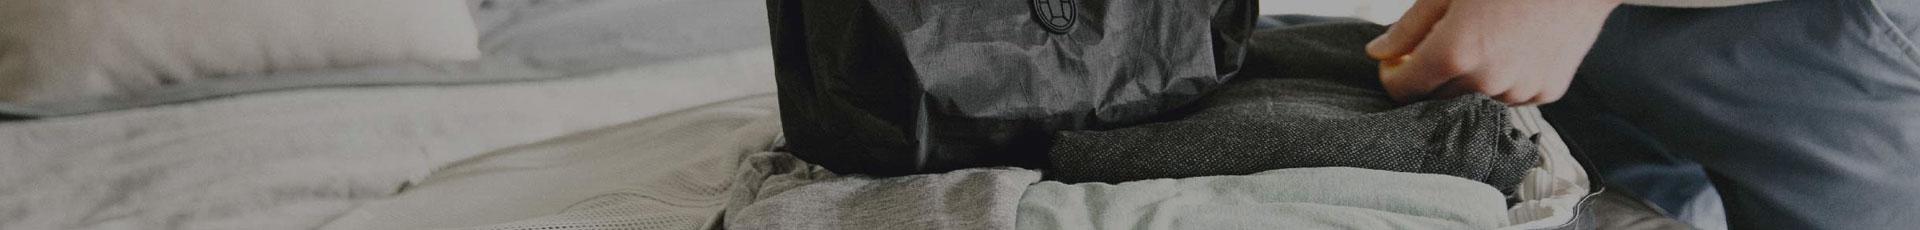 Οργάνωση Ταξιδιού - Νεσεσέρ - Σάκοι